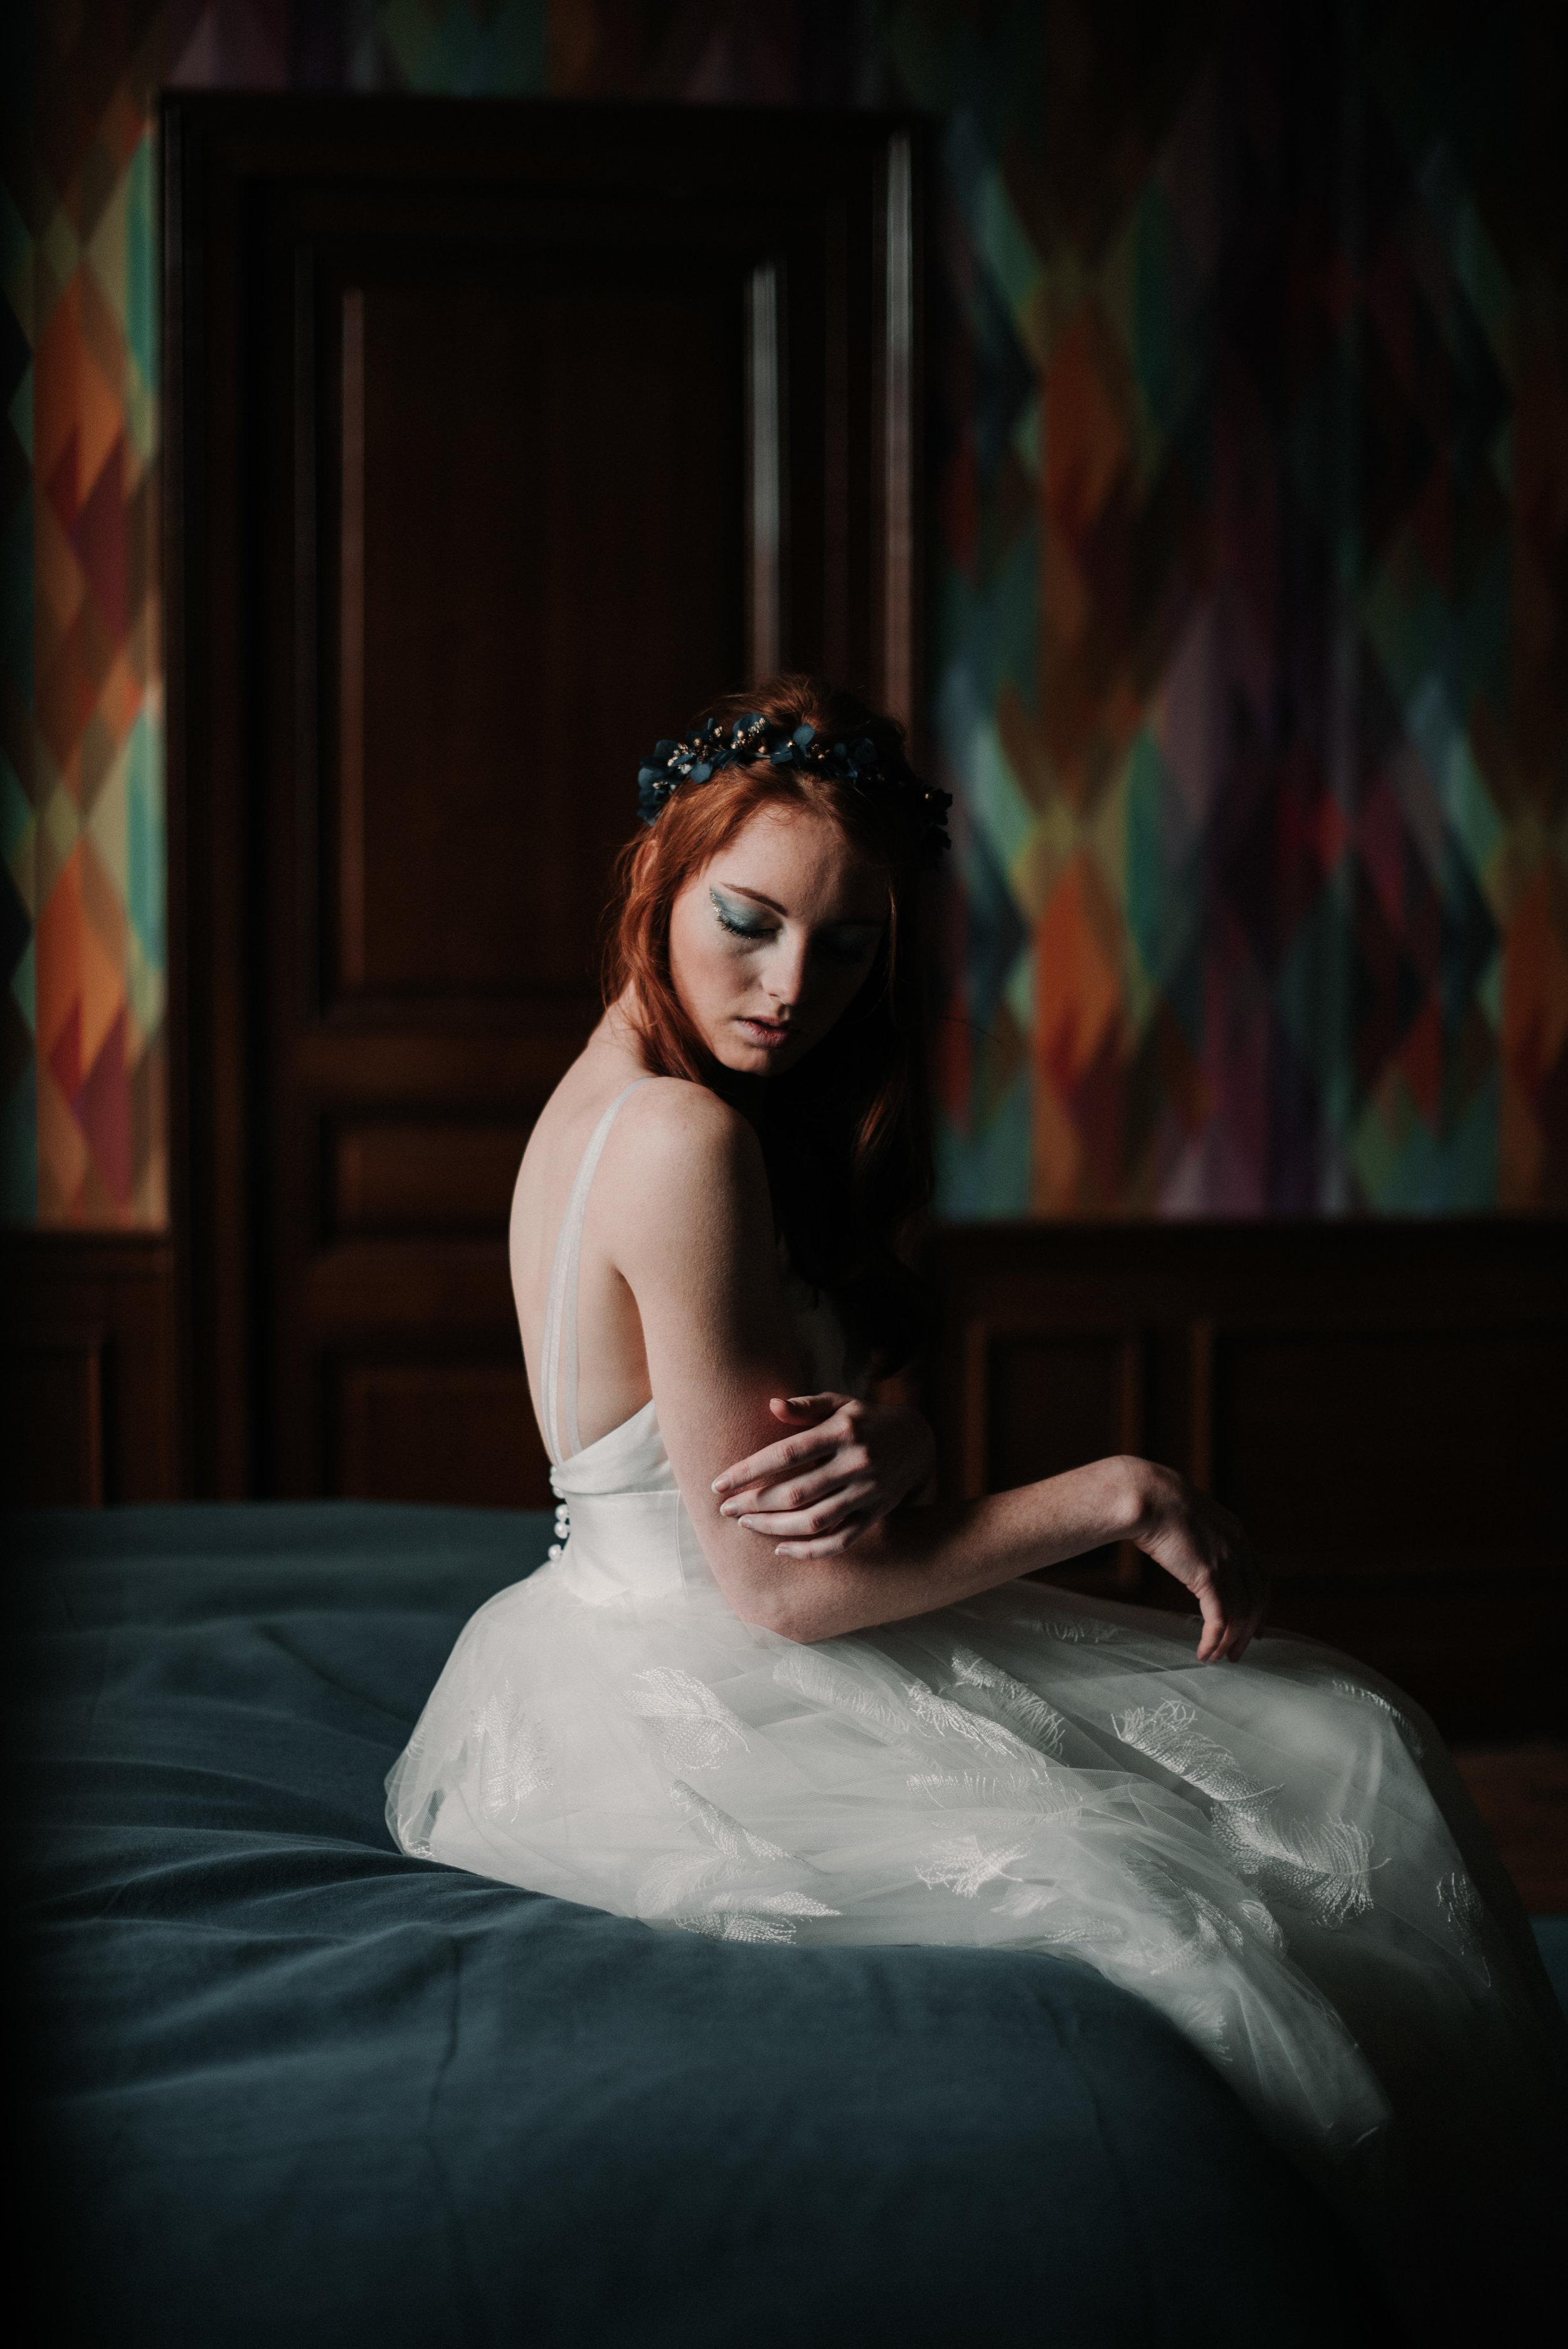 Léa-Fery-photographe-professionnel-lyon-rhone-alpes-portrait-creation-mariage-evenement-evenementiel-famille-2984.jpg